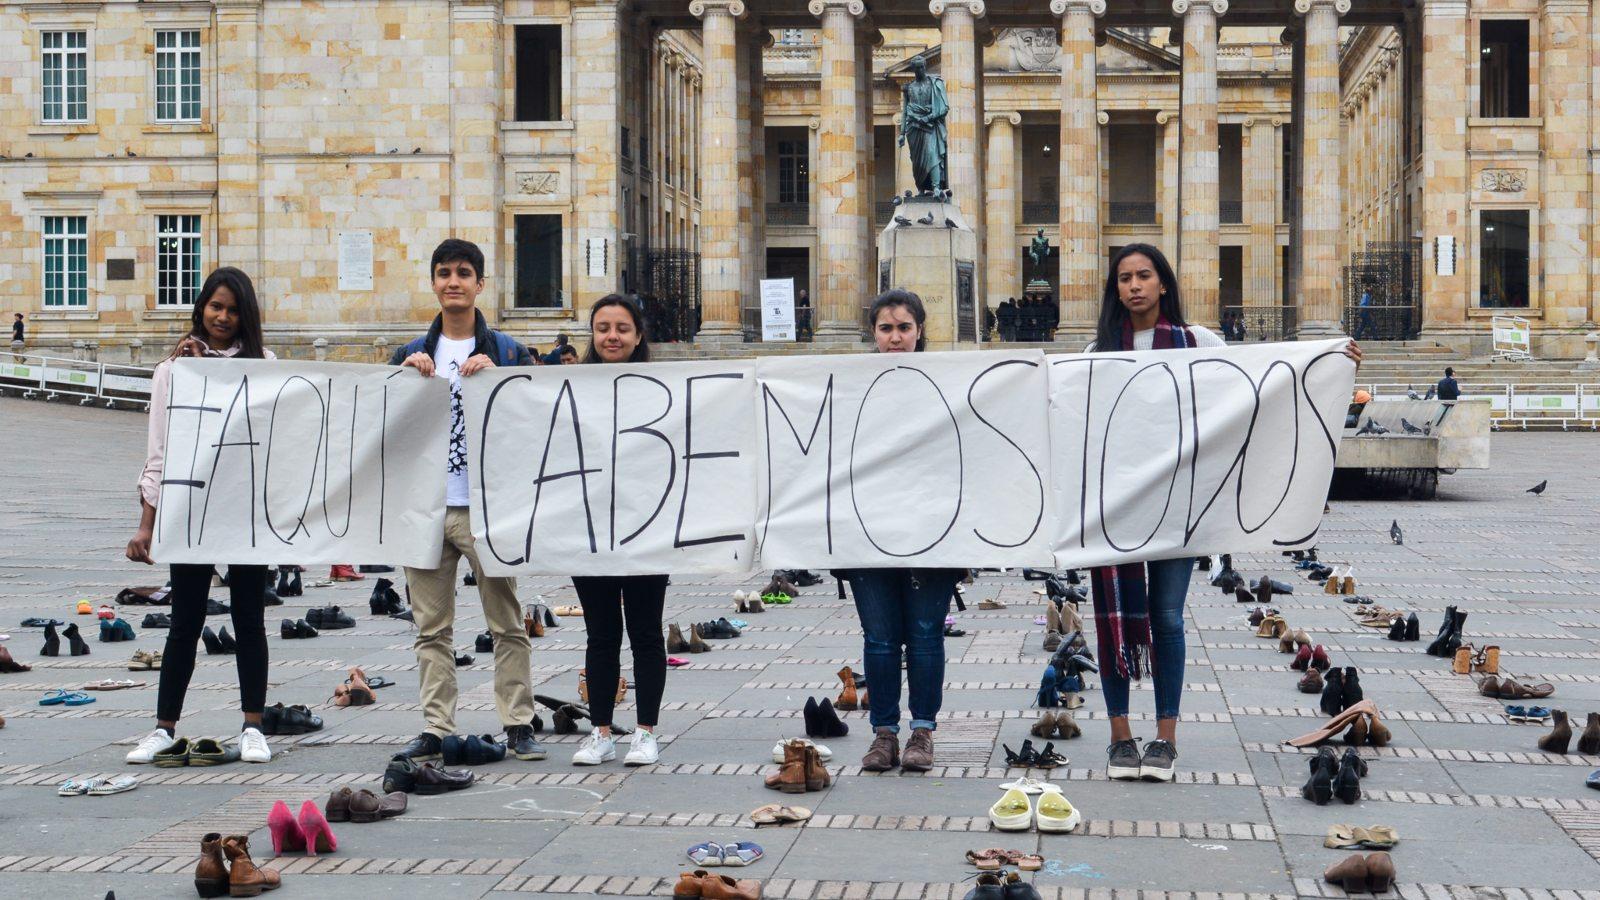 En los zapatos del otro: manifestación simbólica contra la xenofobia electoral